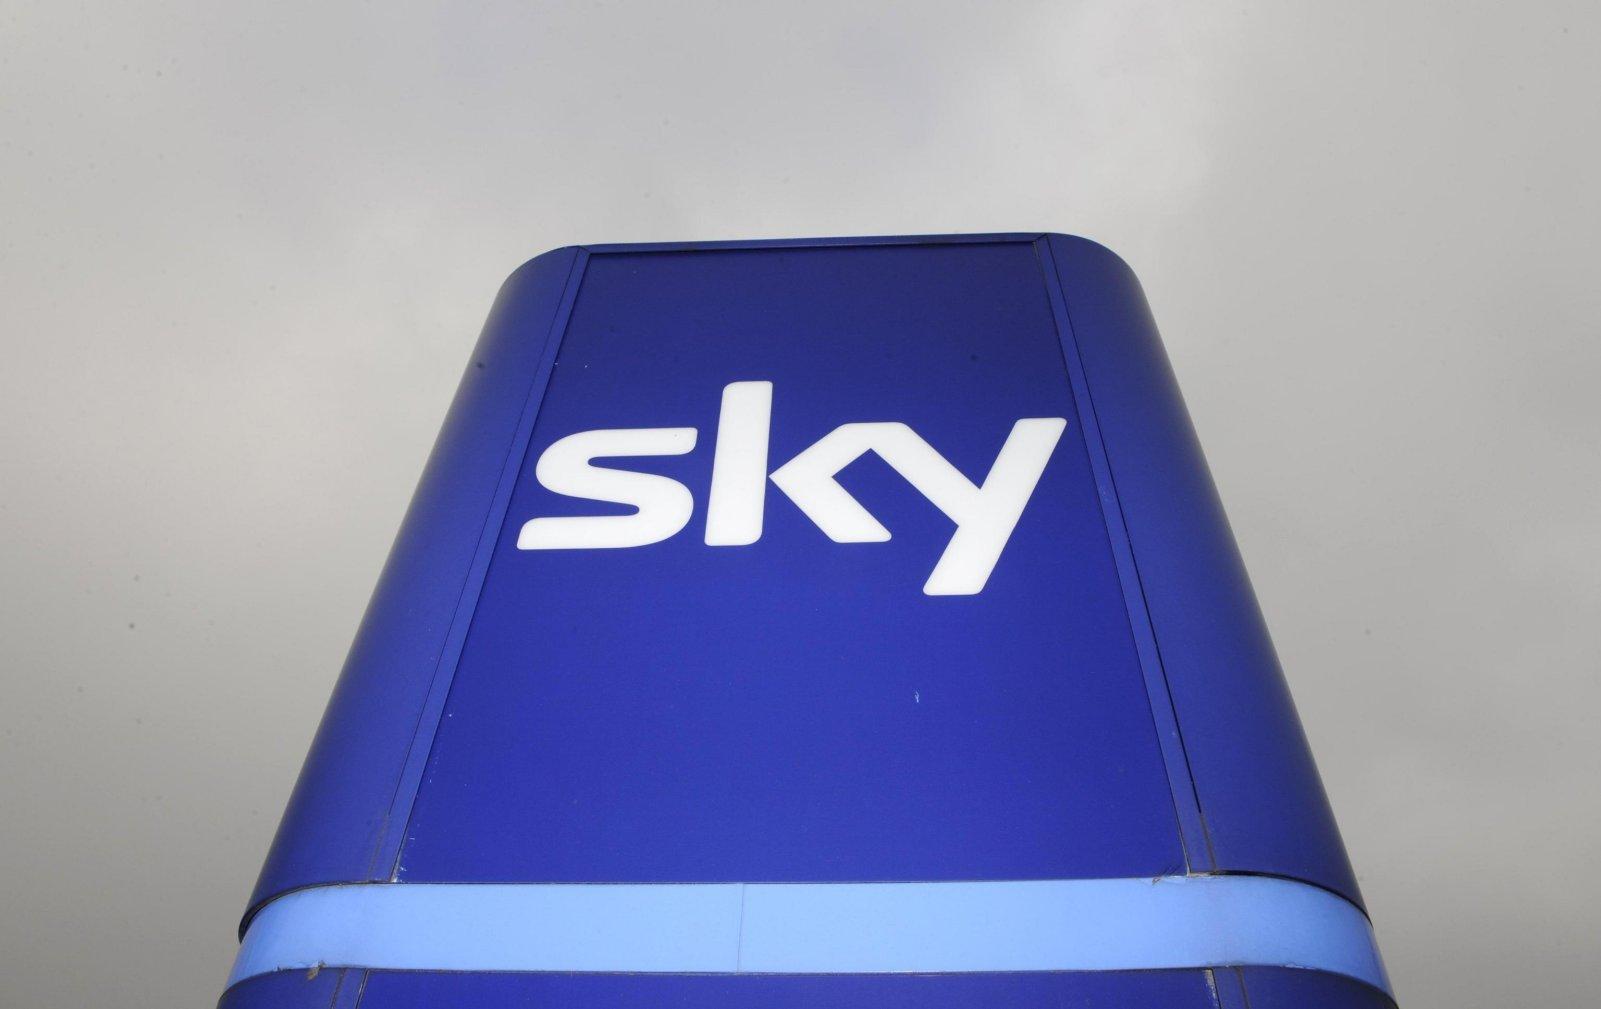 Gruppo Sky stanzia risorse per supportare la lotta contro ingiustizia razziale